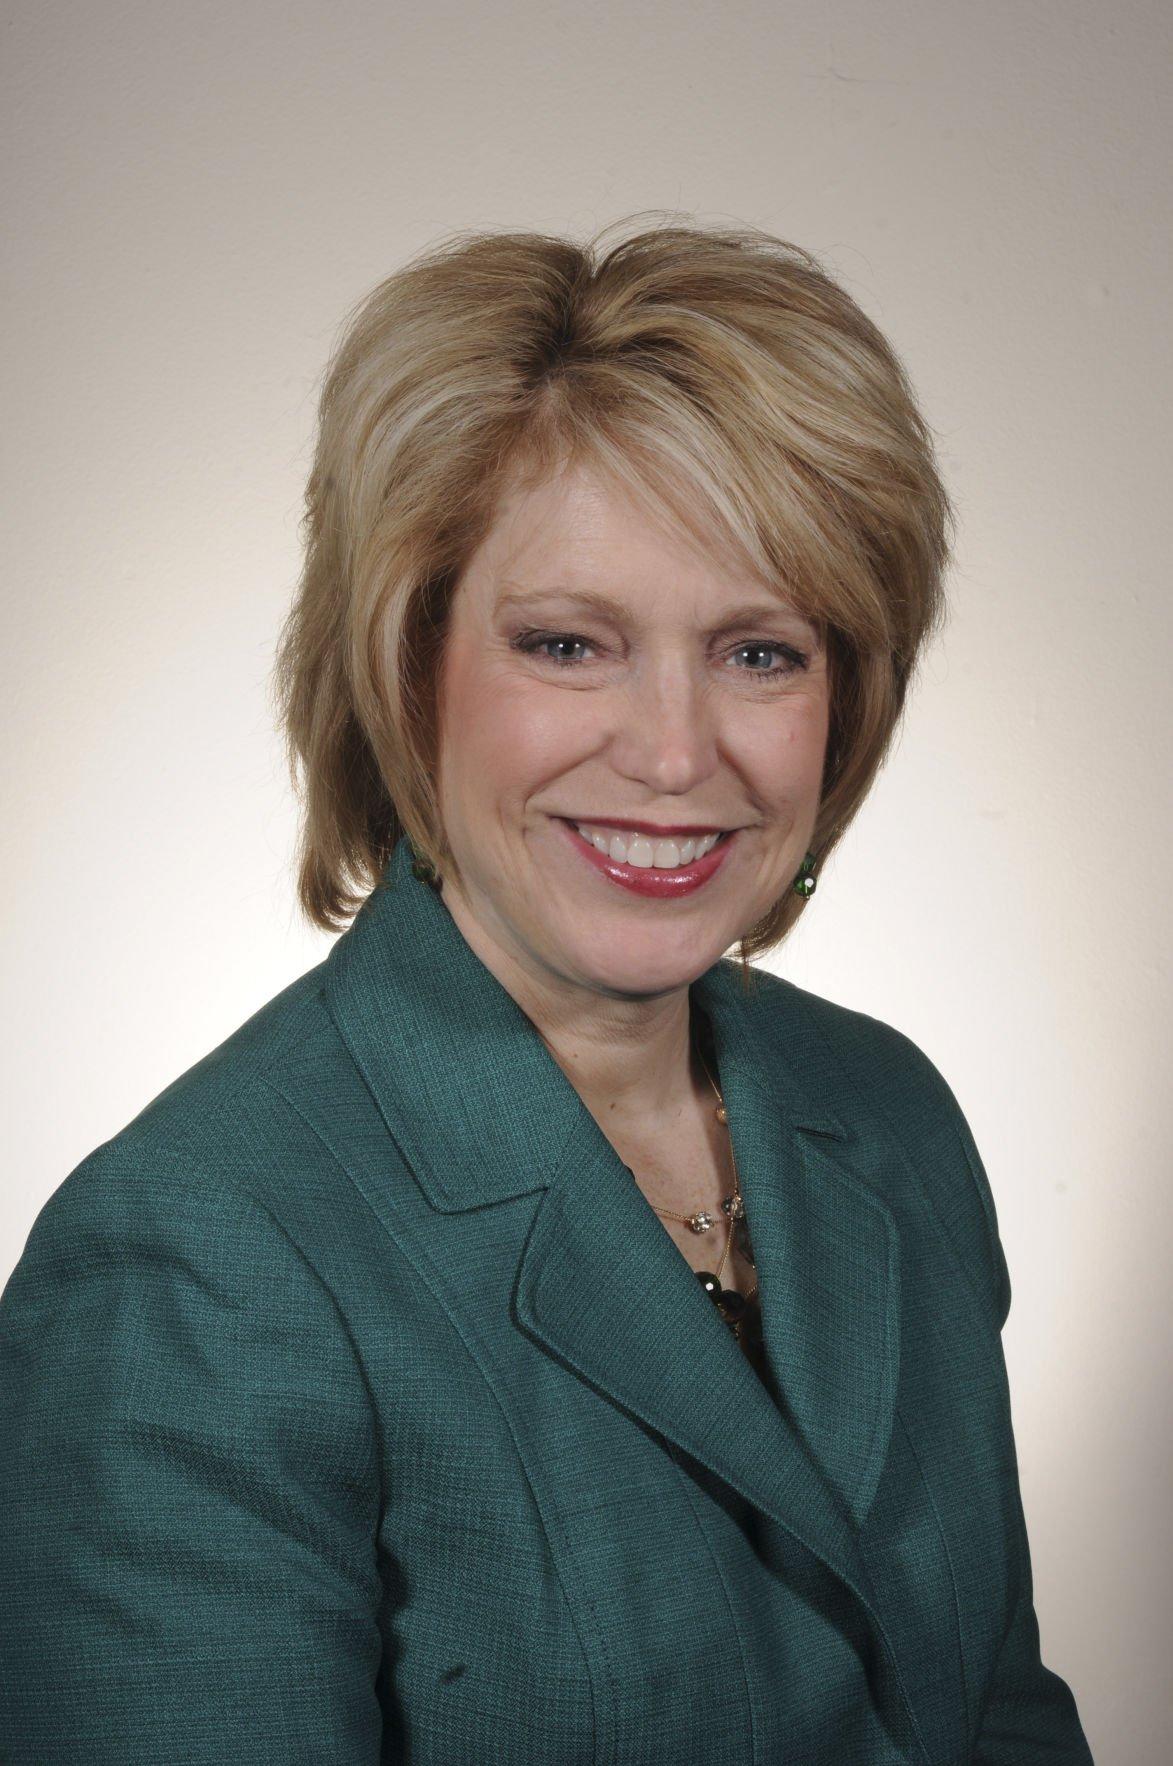 Kristin Emery